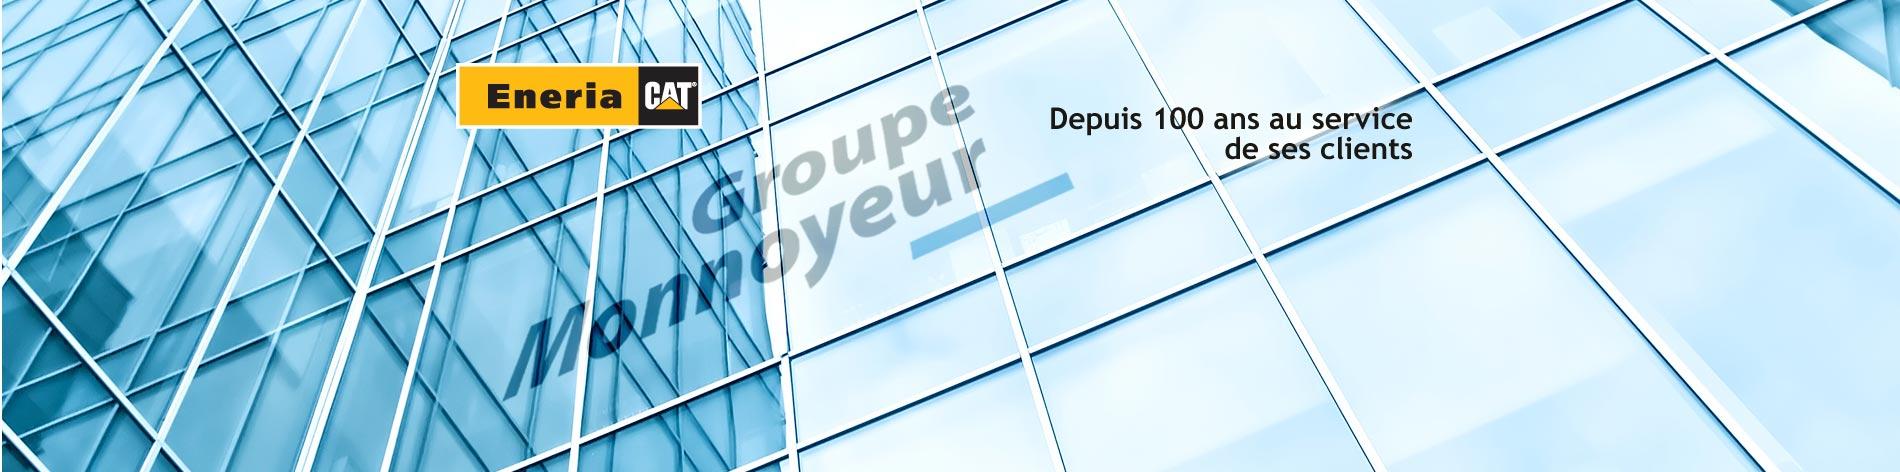 Tout comme Bergerat Monnoyeur, Aprolis et Magellan, nous faisons partie du Groupe Monnoyeur.